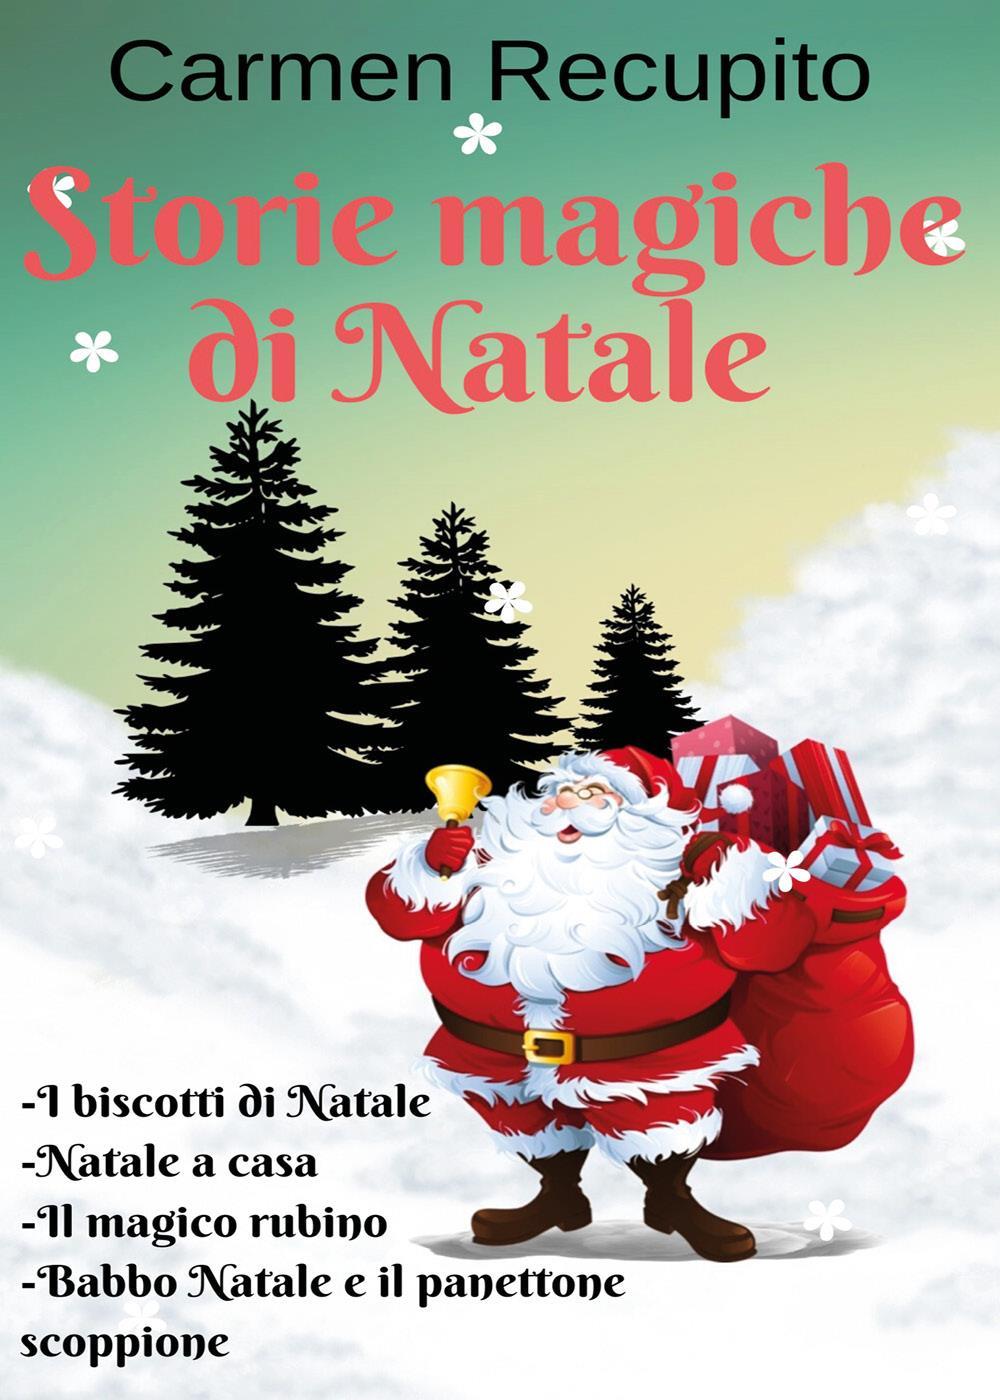 Storie magiche di Natale